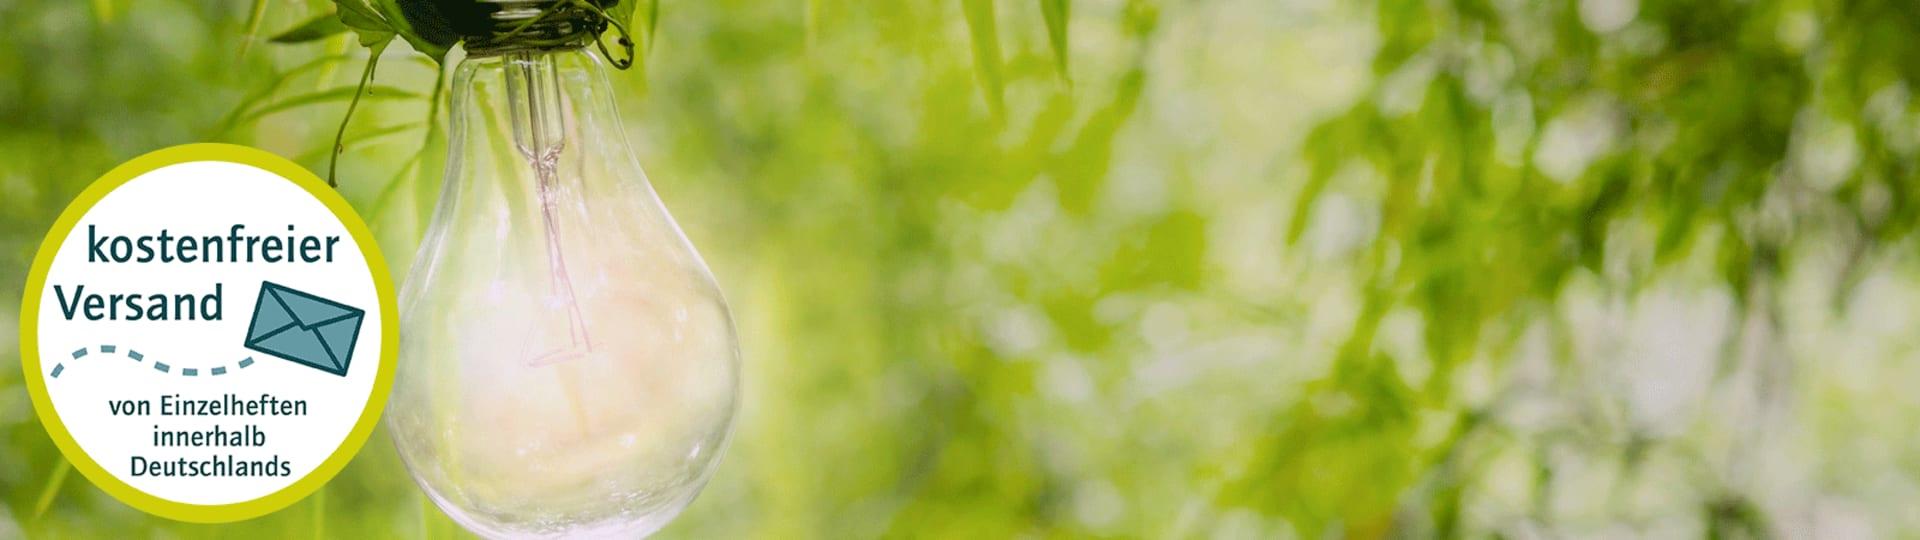 Kostenfreier Versand von Einzelheften der Zeitschrift Ökologisches Wirtschaften